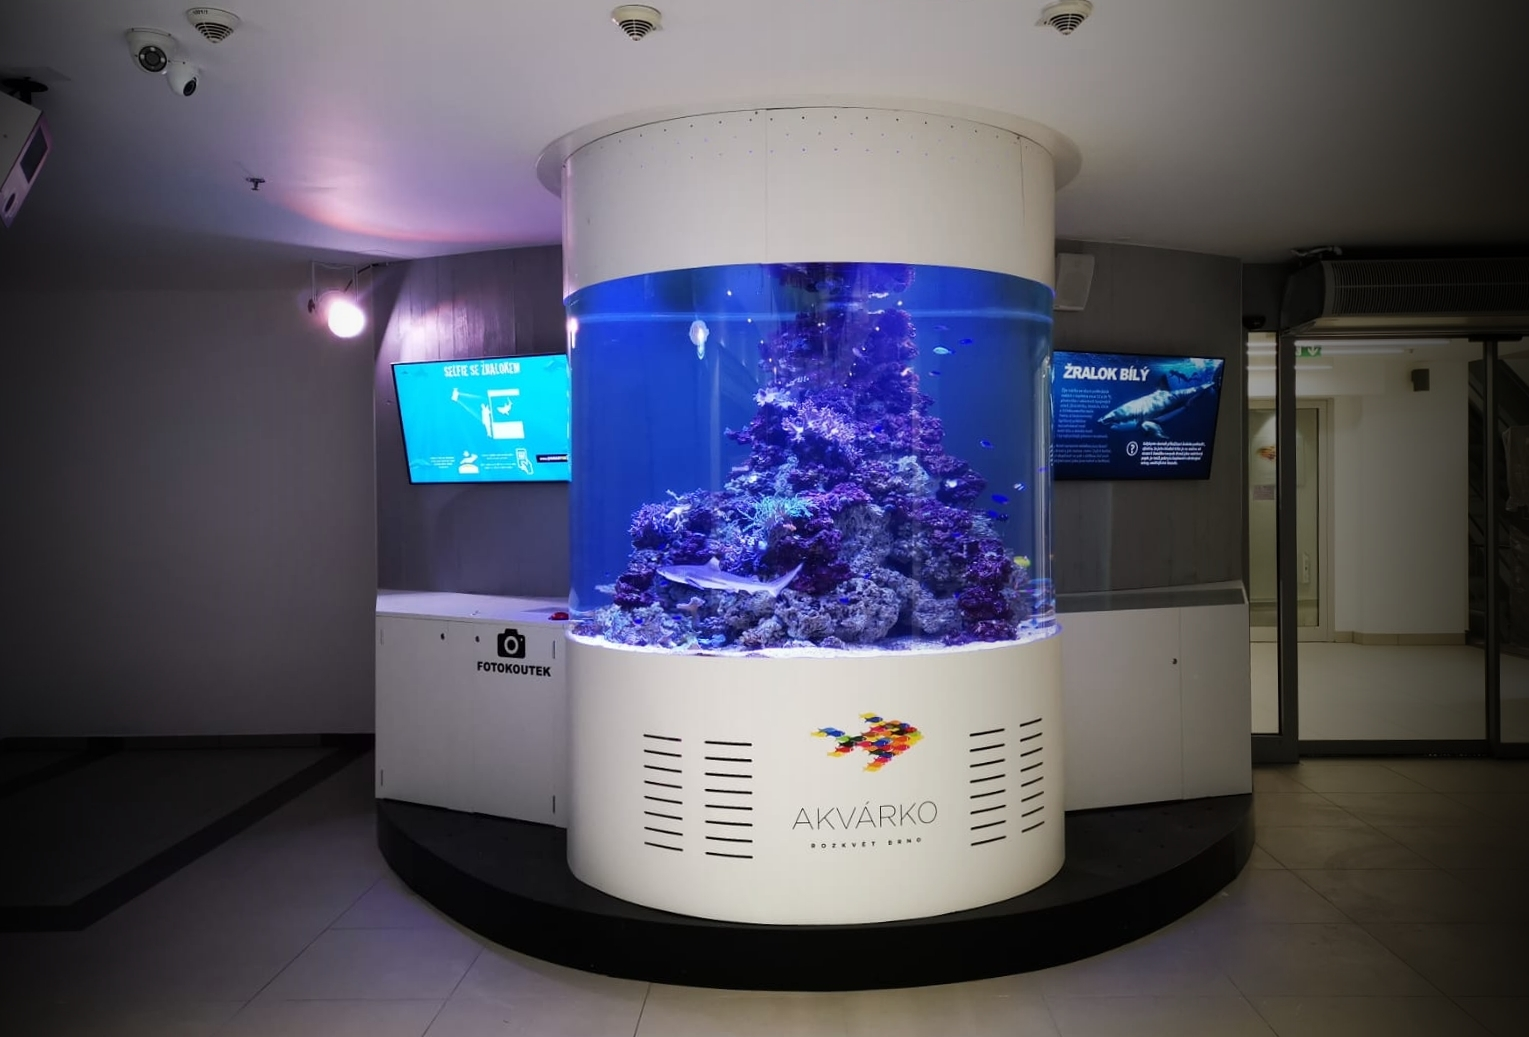 Veřejné útesové akvárium se žralokem